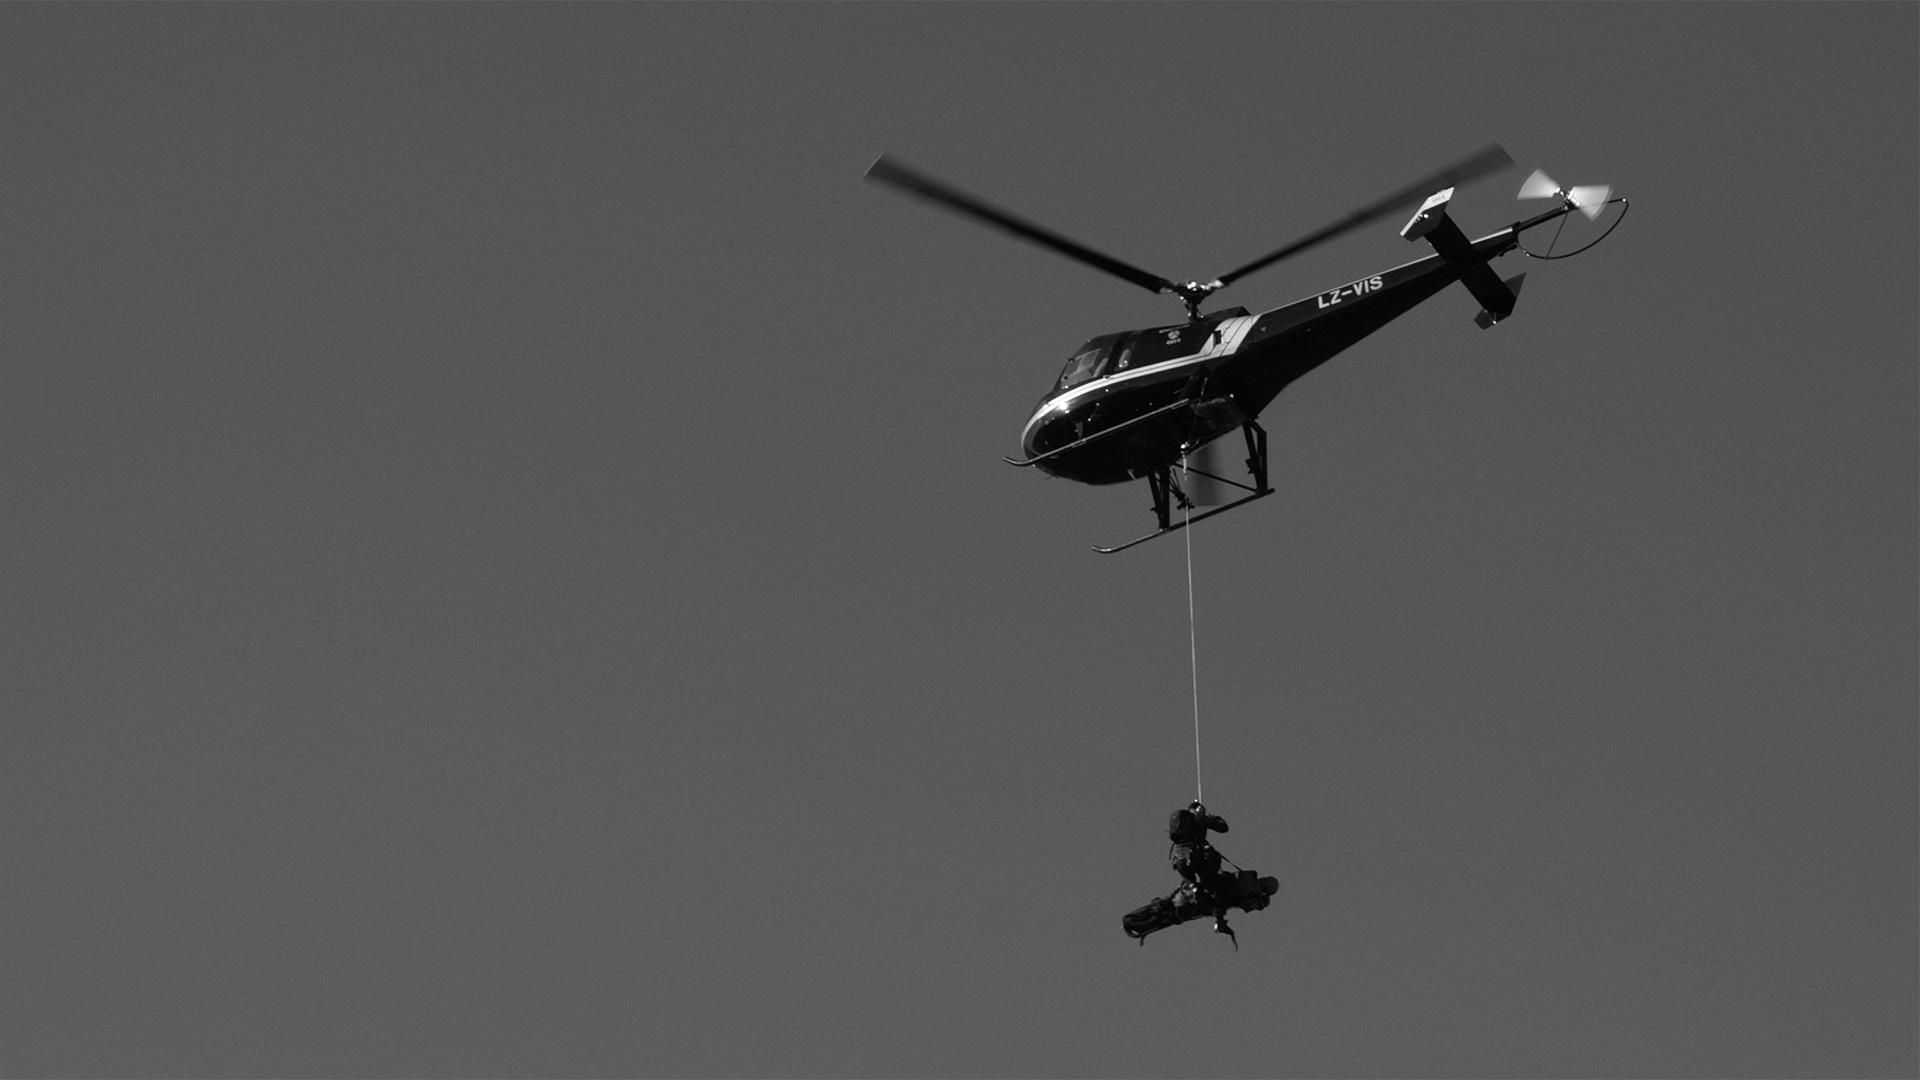 Hel Rescue